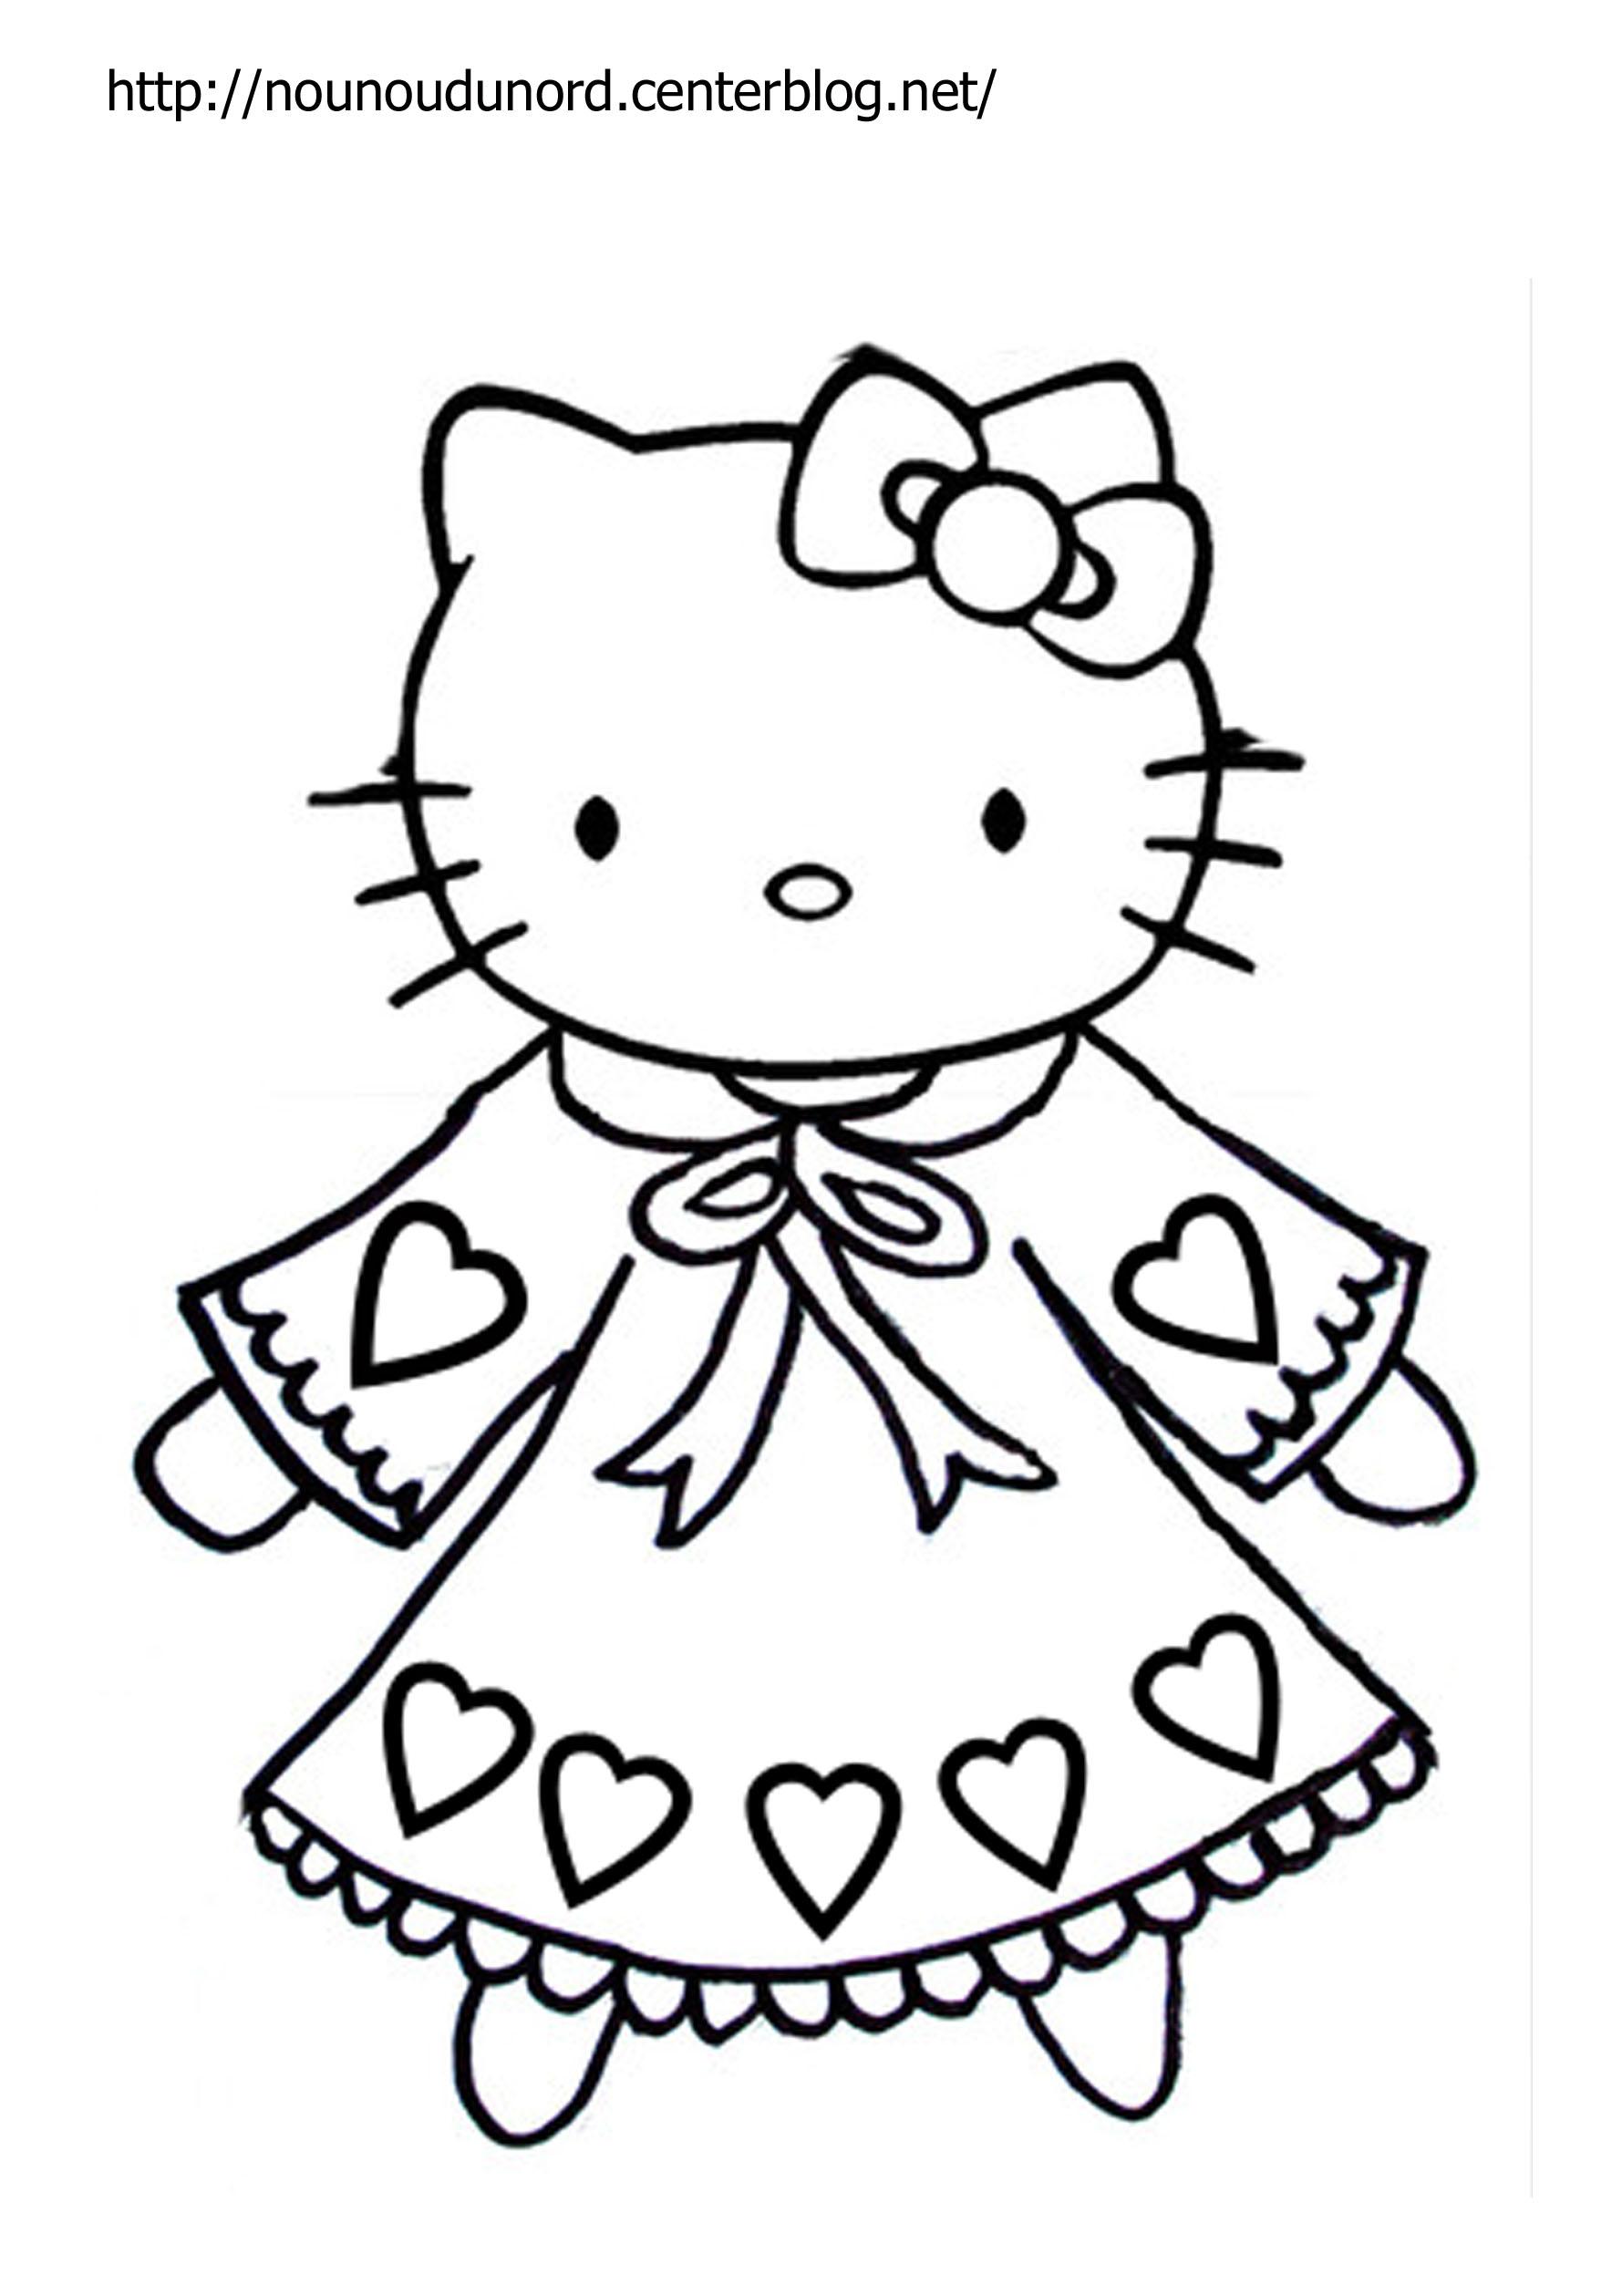 Coloriage hello kitty gratuit - dessin a imprimer #67